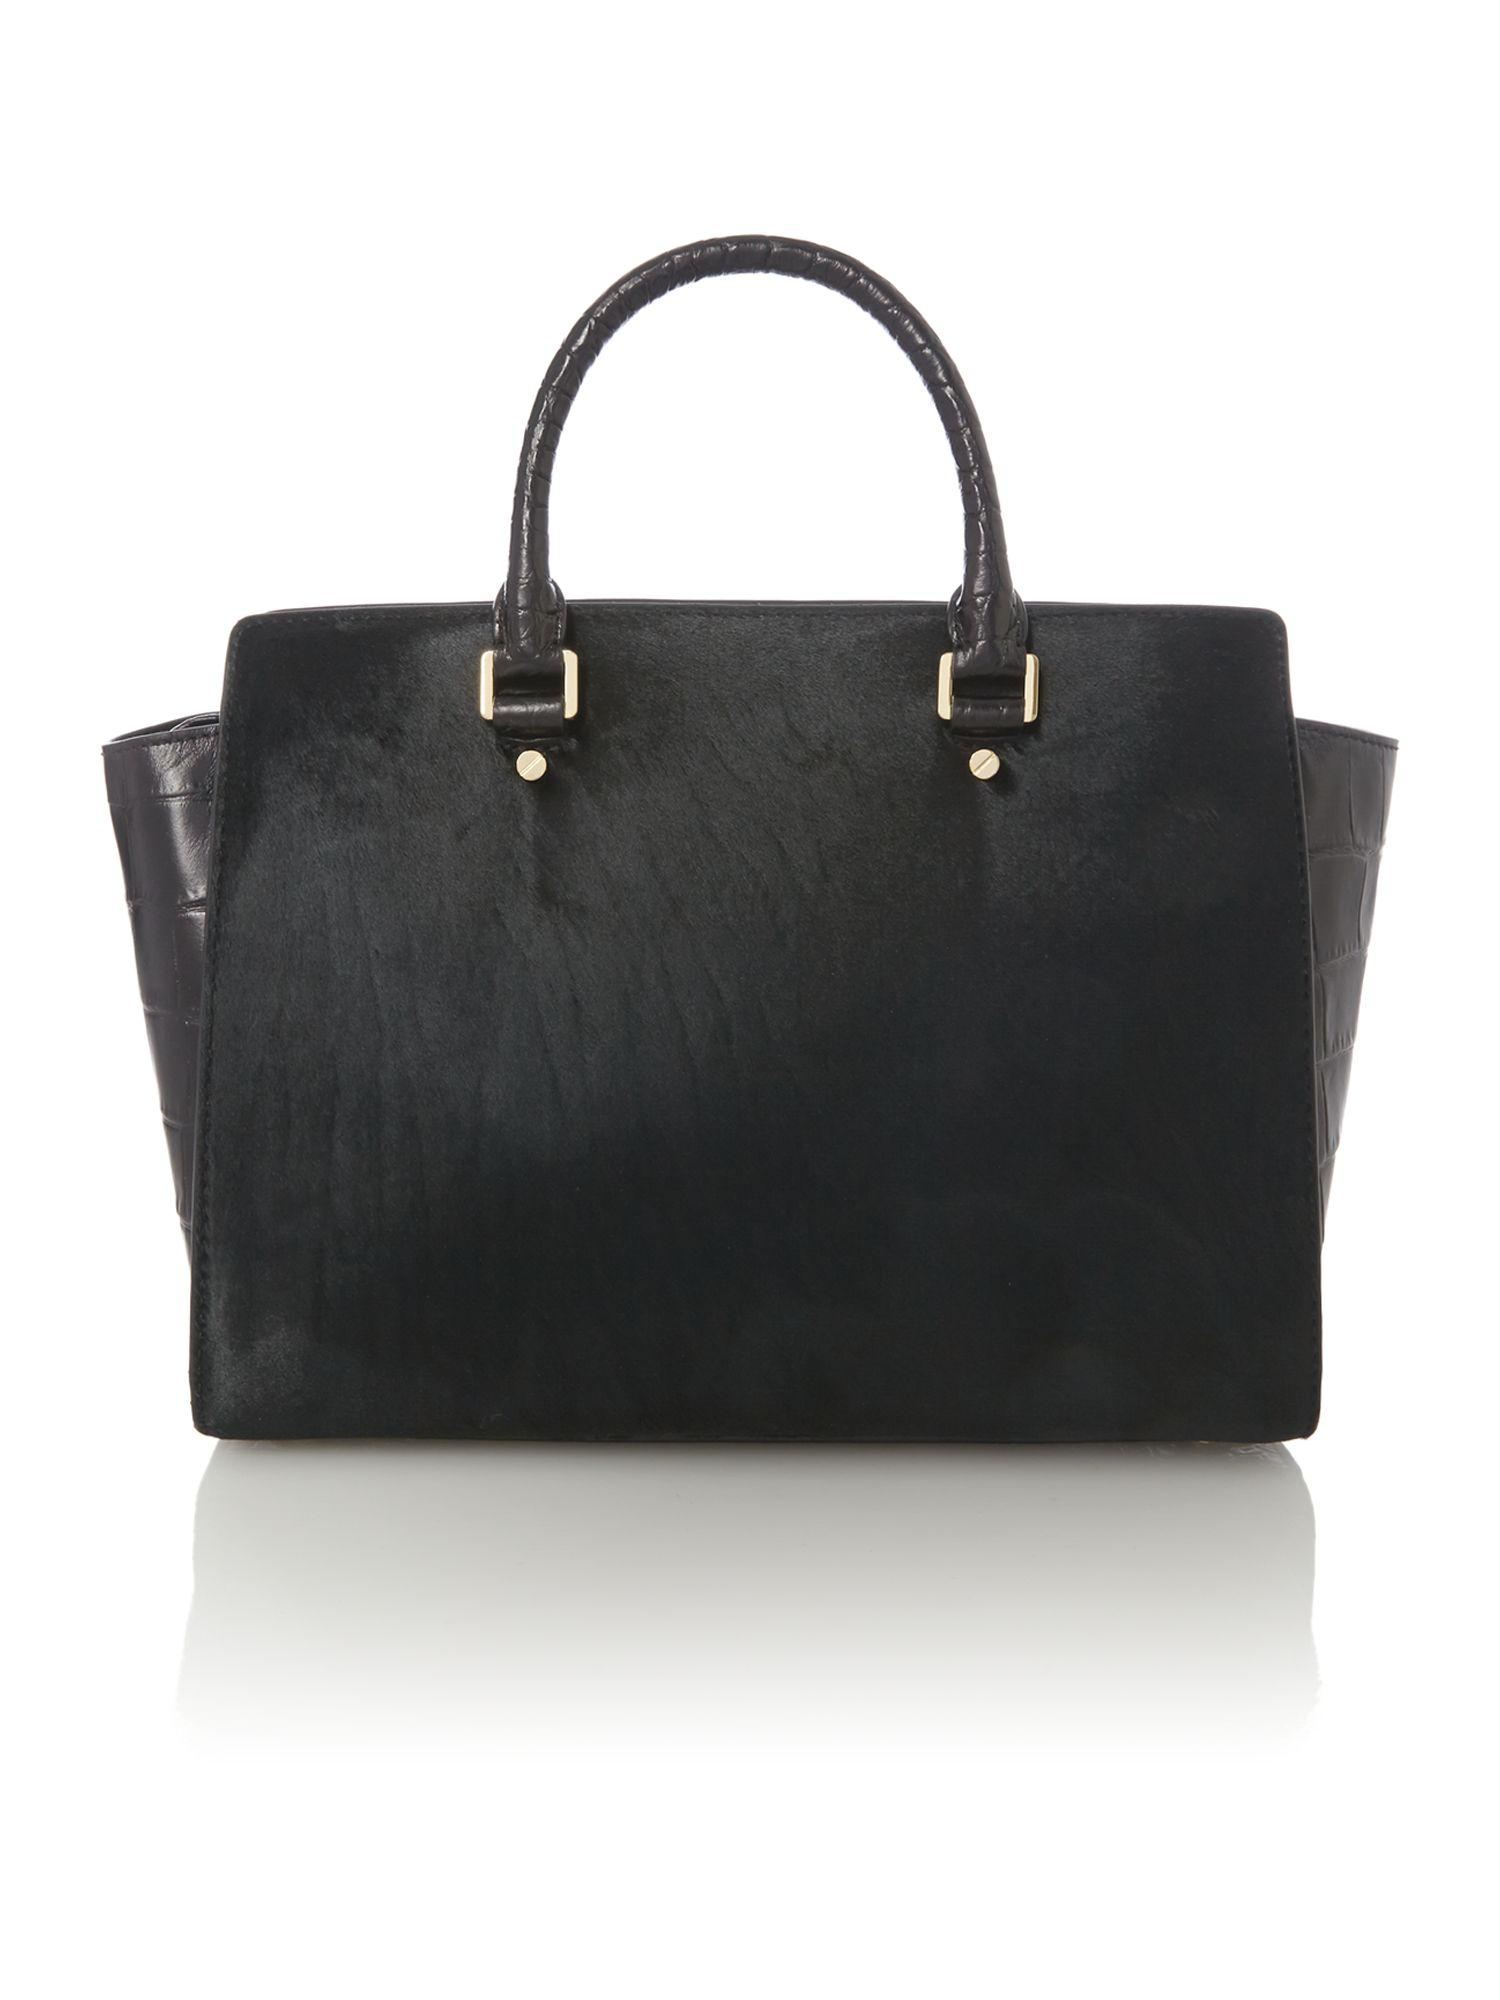 Lyst Michael Kors Selma Black Haircalf Large Tote Bag In